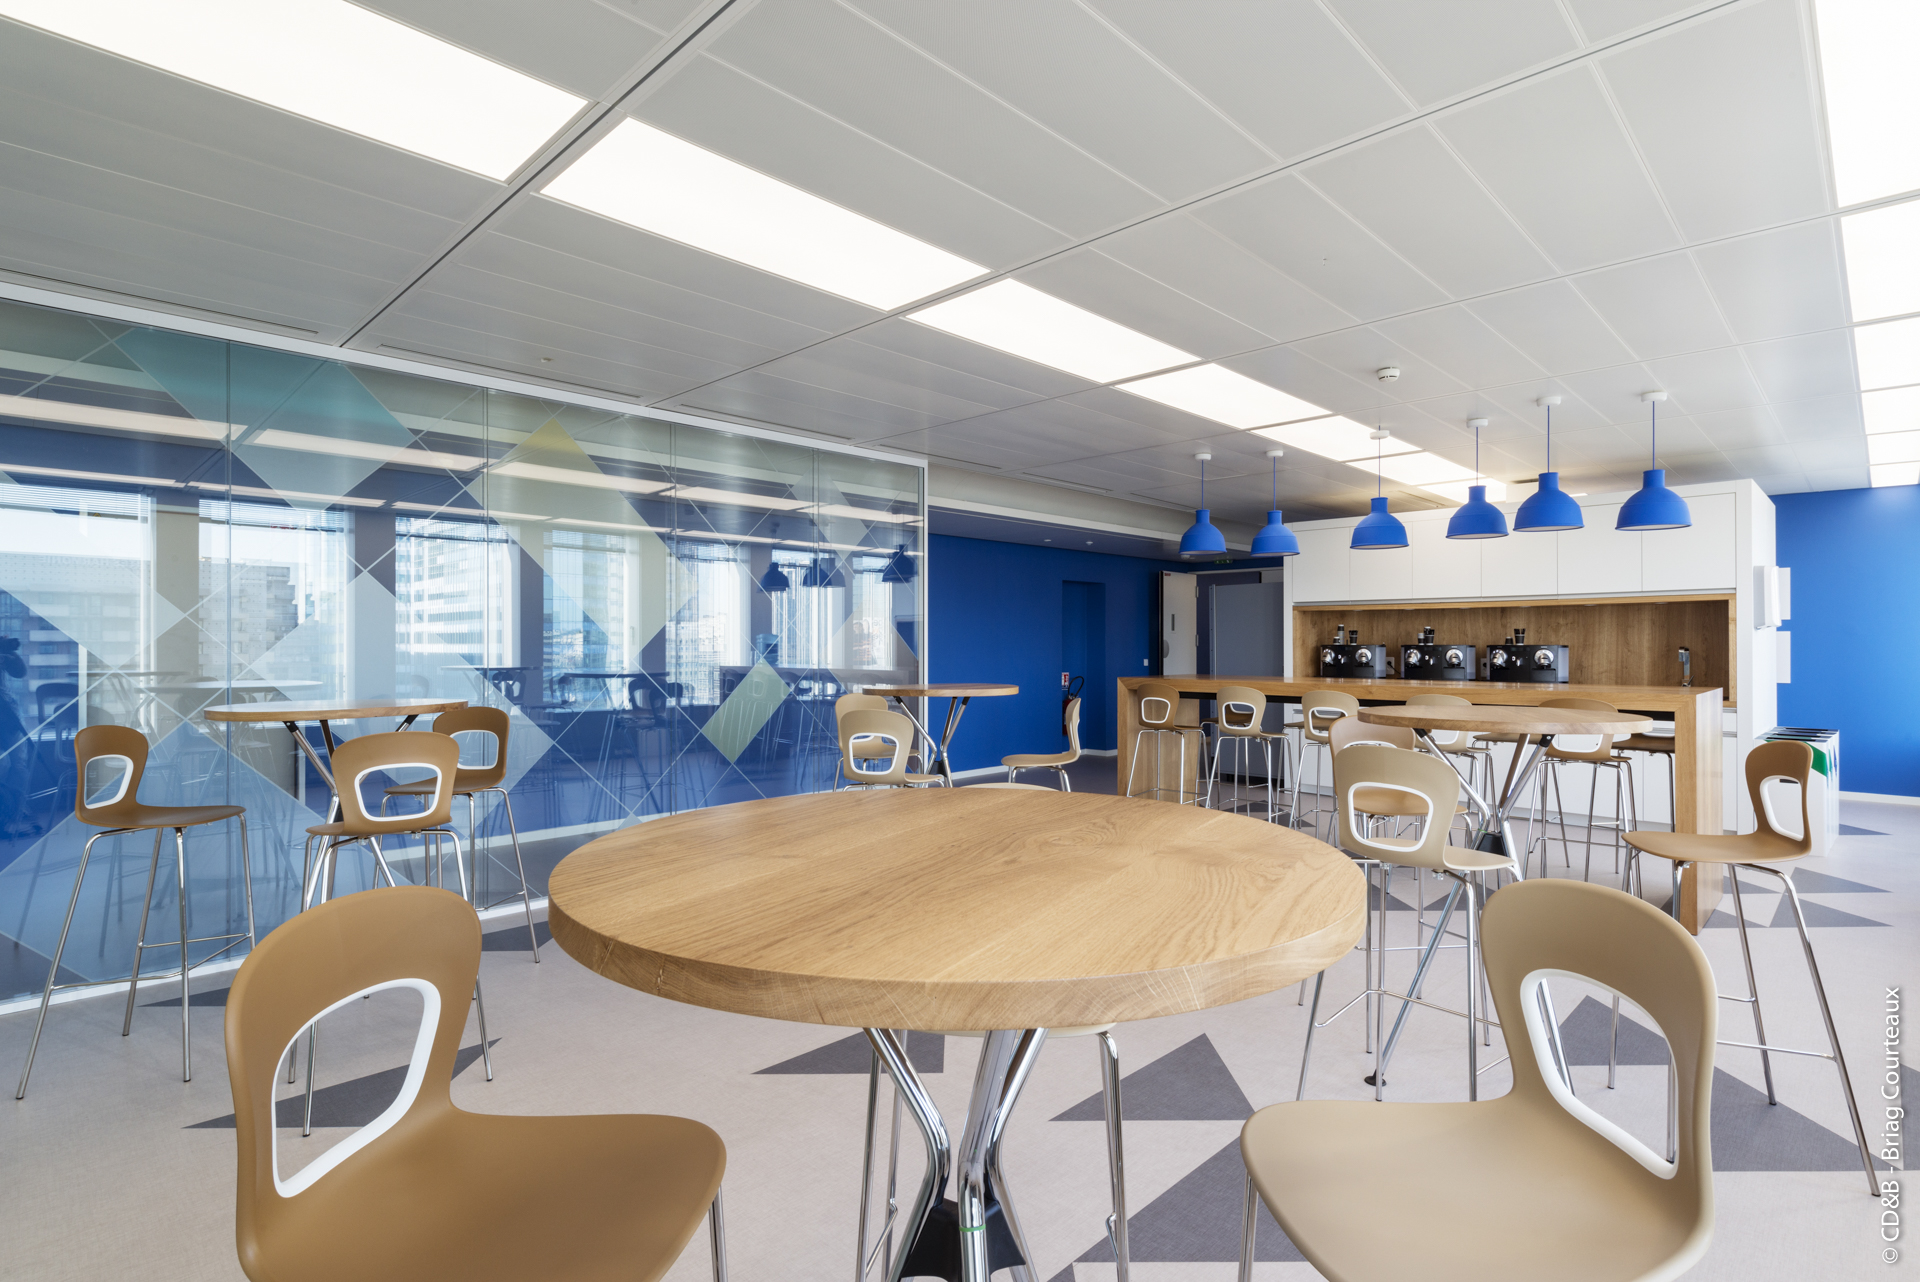 Conseil, aménagement, conception et réalisation des espaces de la société Takett par CDB, Meet you there.